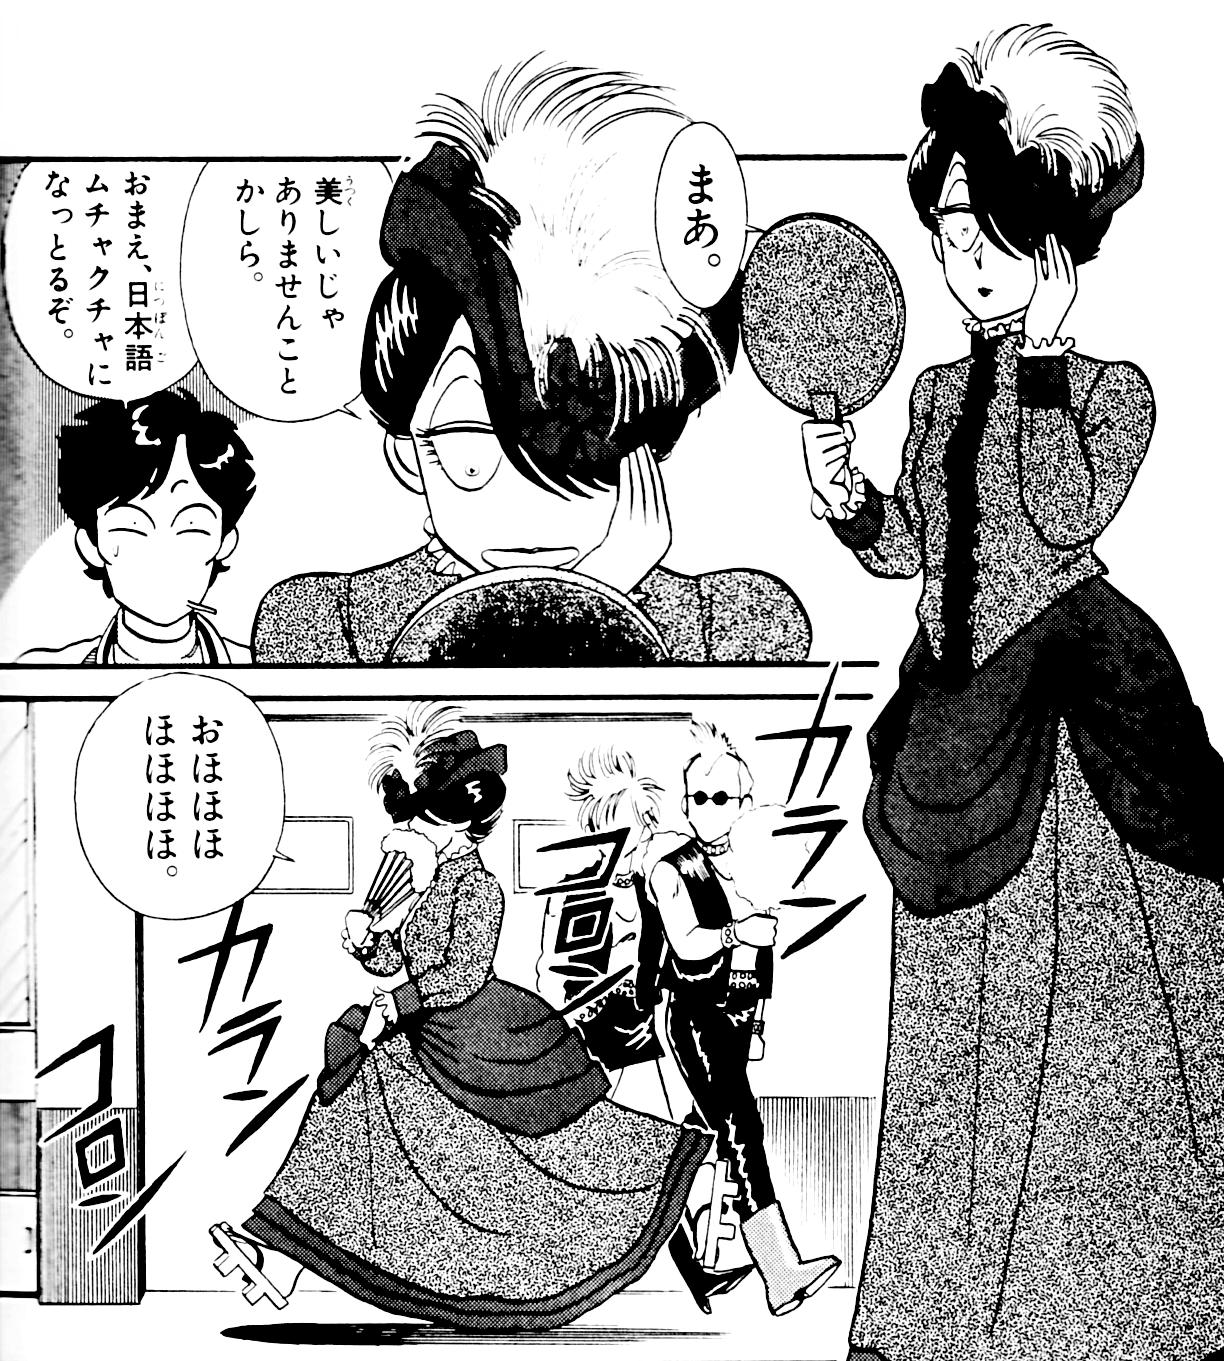 『究極超人あ~る』7巻の名言をネタバレ紹介!